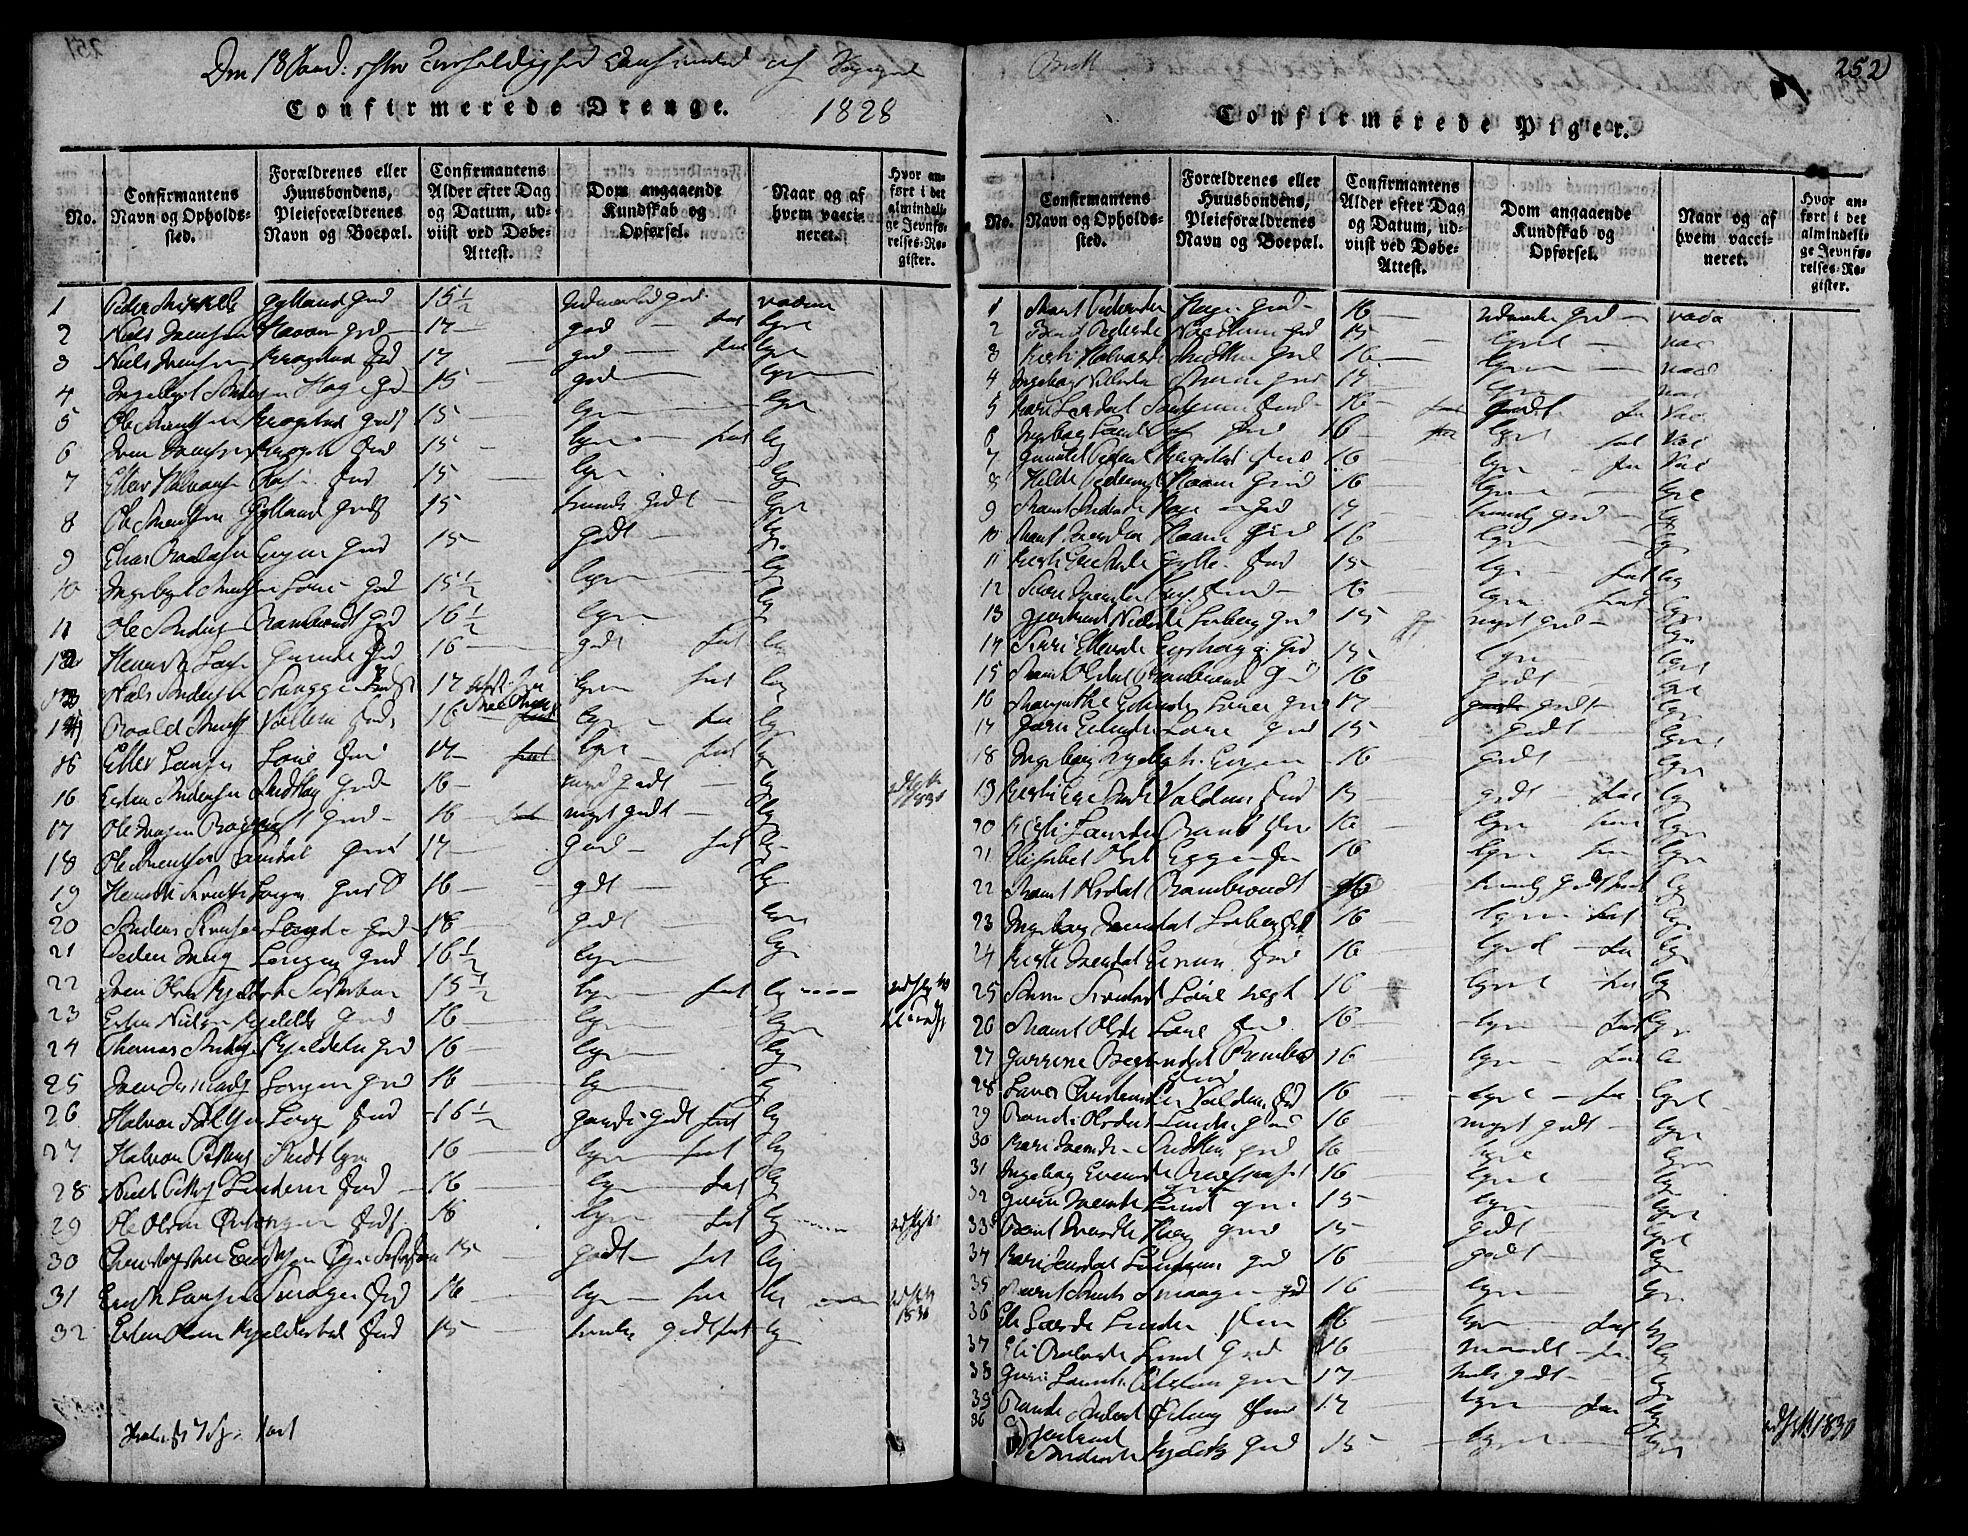 SAT, Ministerialprotokoller, klokkerbøker og fødselsregistre - Sør-Trøndelag, 692/L1102: Ministerialbok nr. 692A02, 1816-1842, s. 252